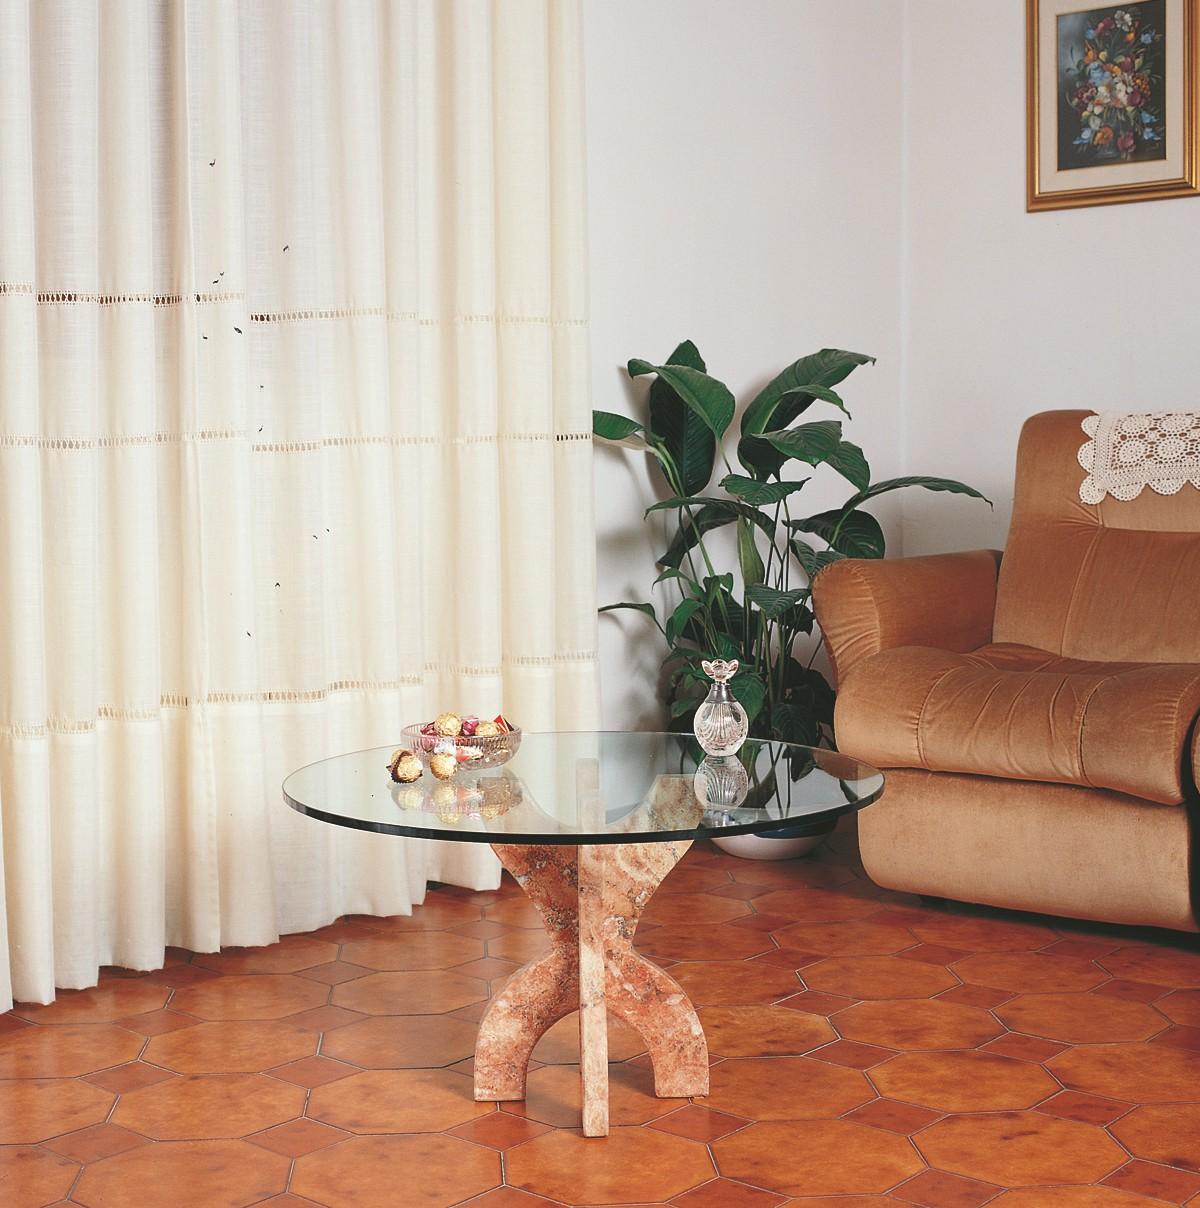 Vendita tavoli tavolo 7007 toscana marmi for Vendita tavoli